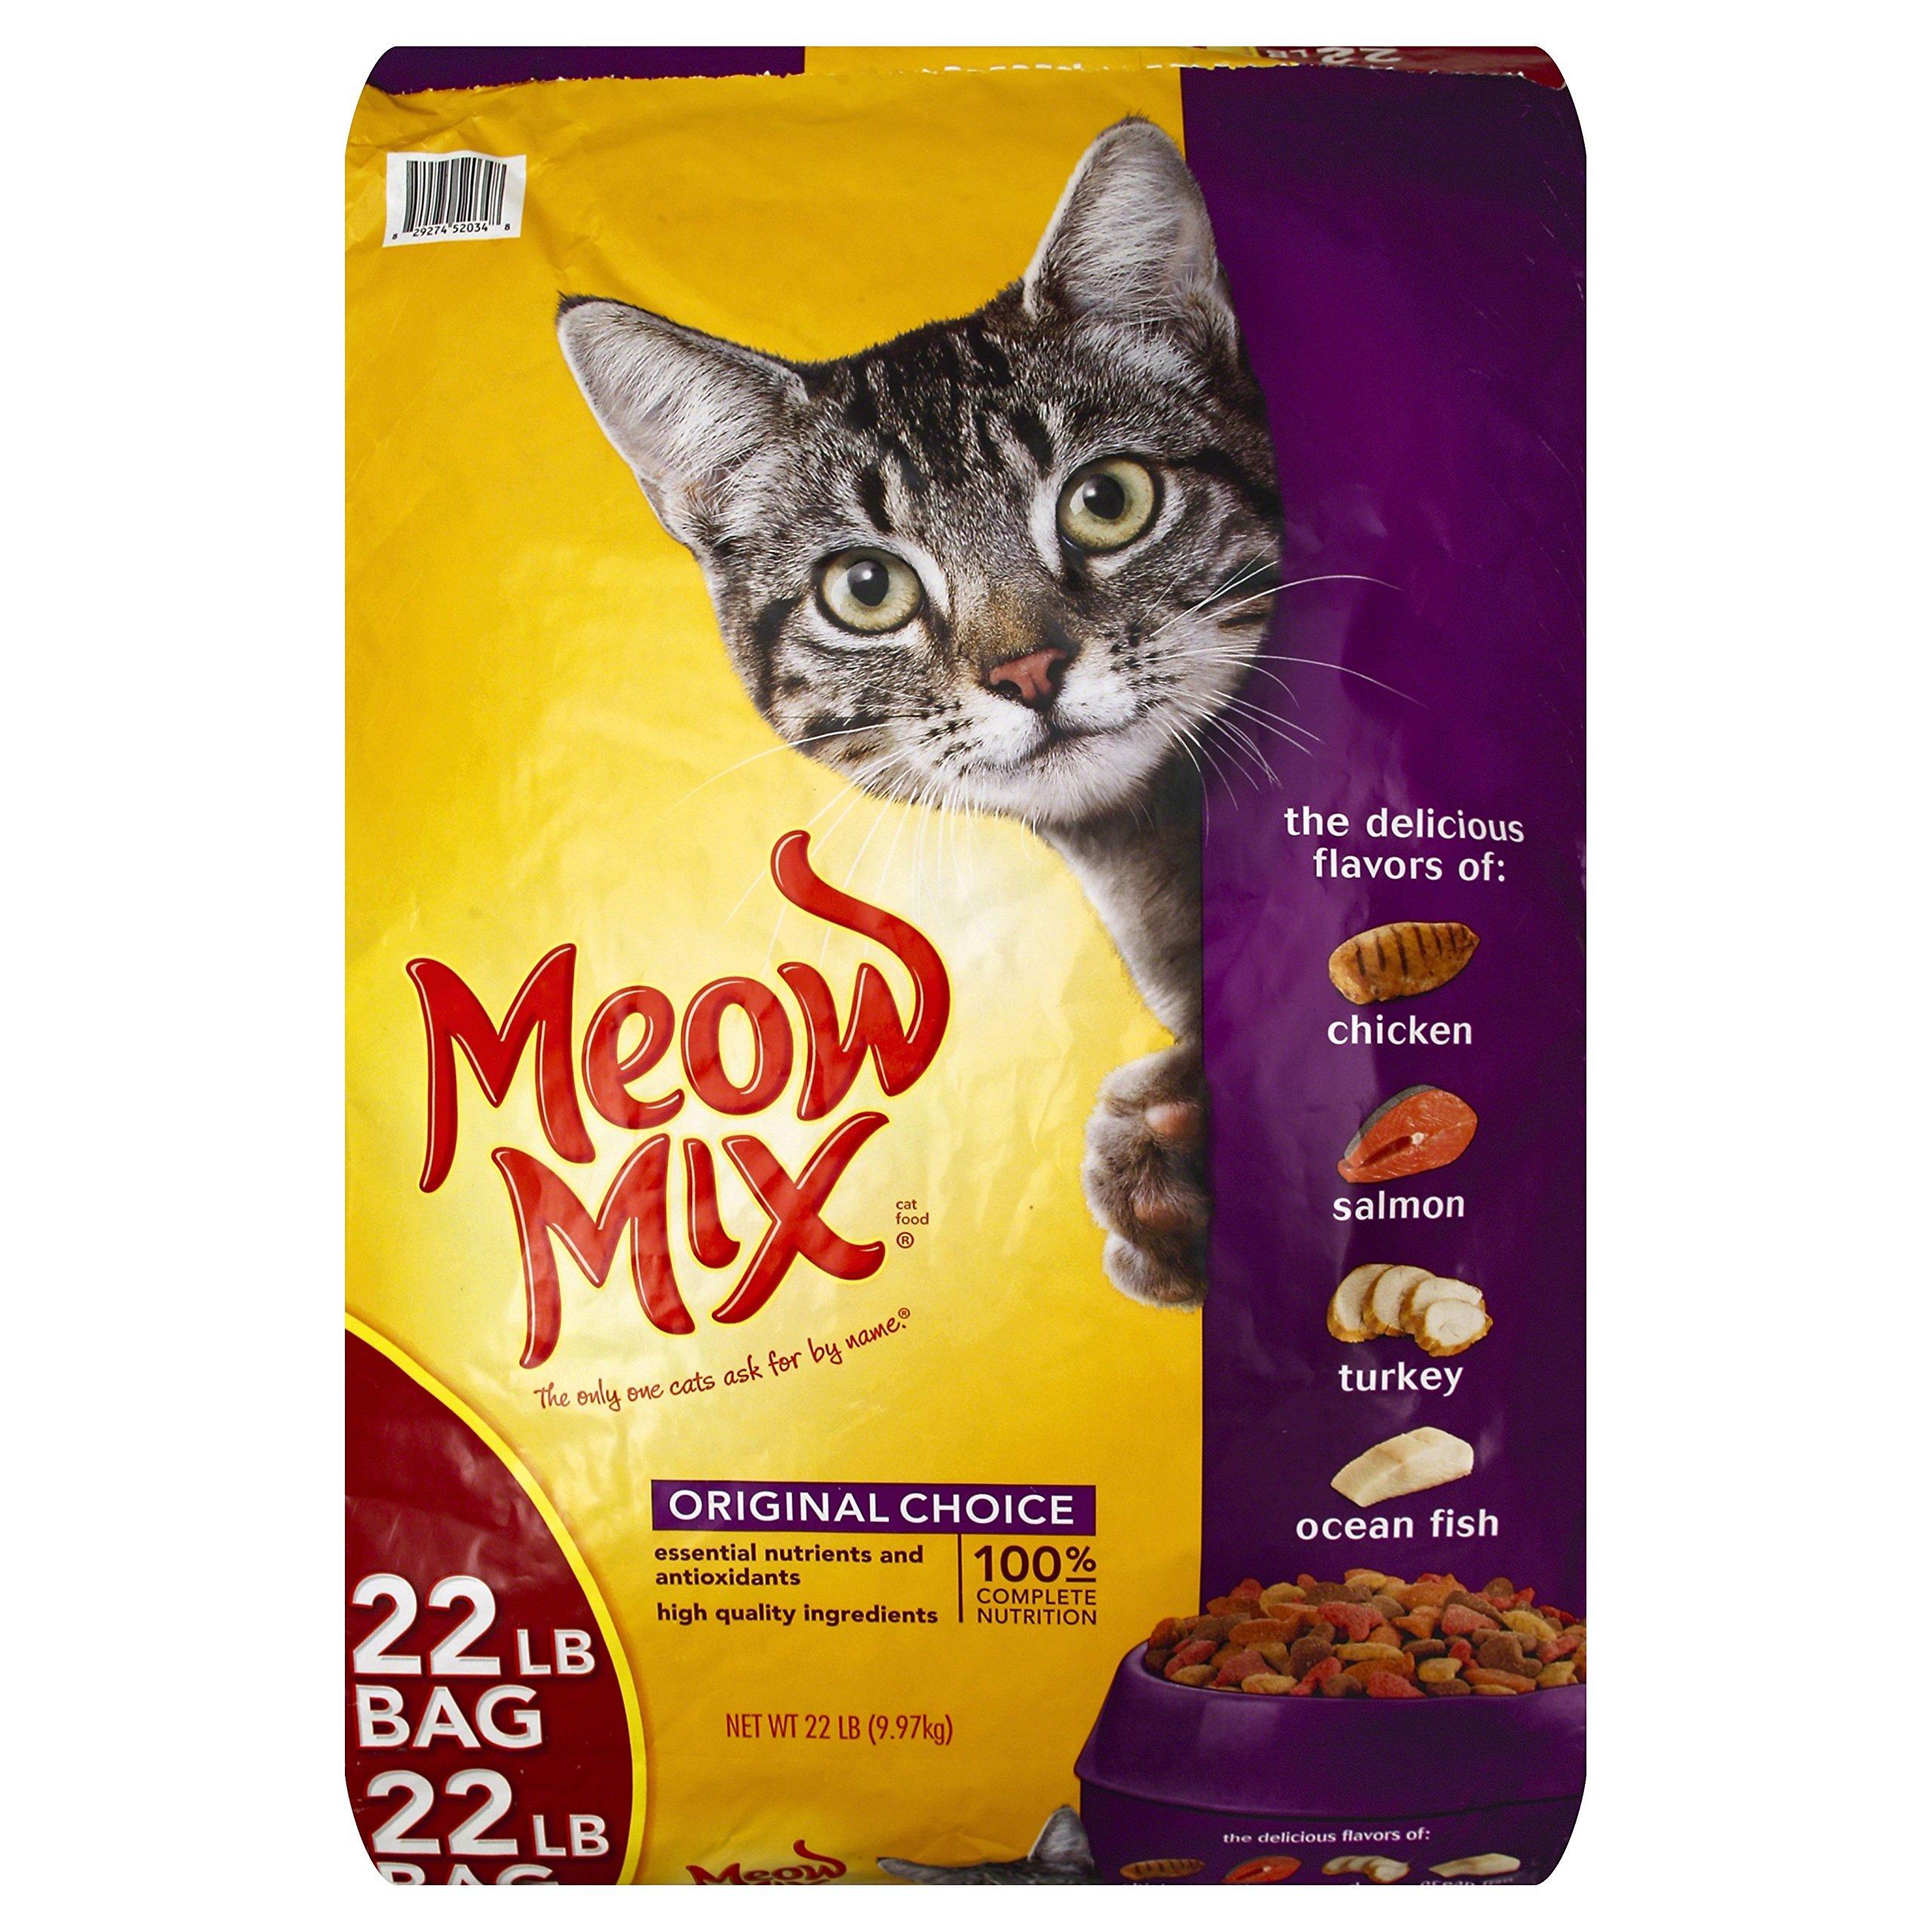 Meow Mix Original Choice Dry Cat Food, 22 lb